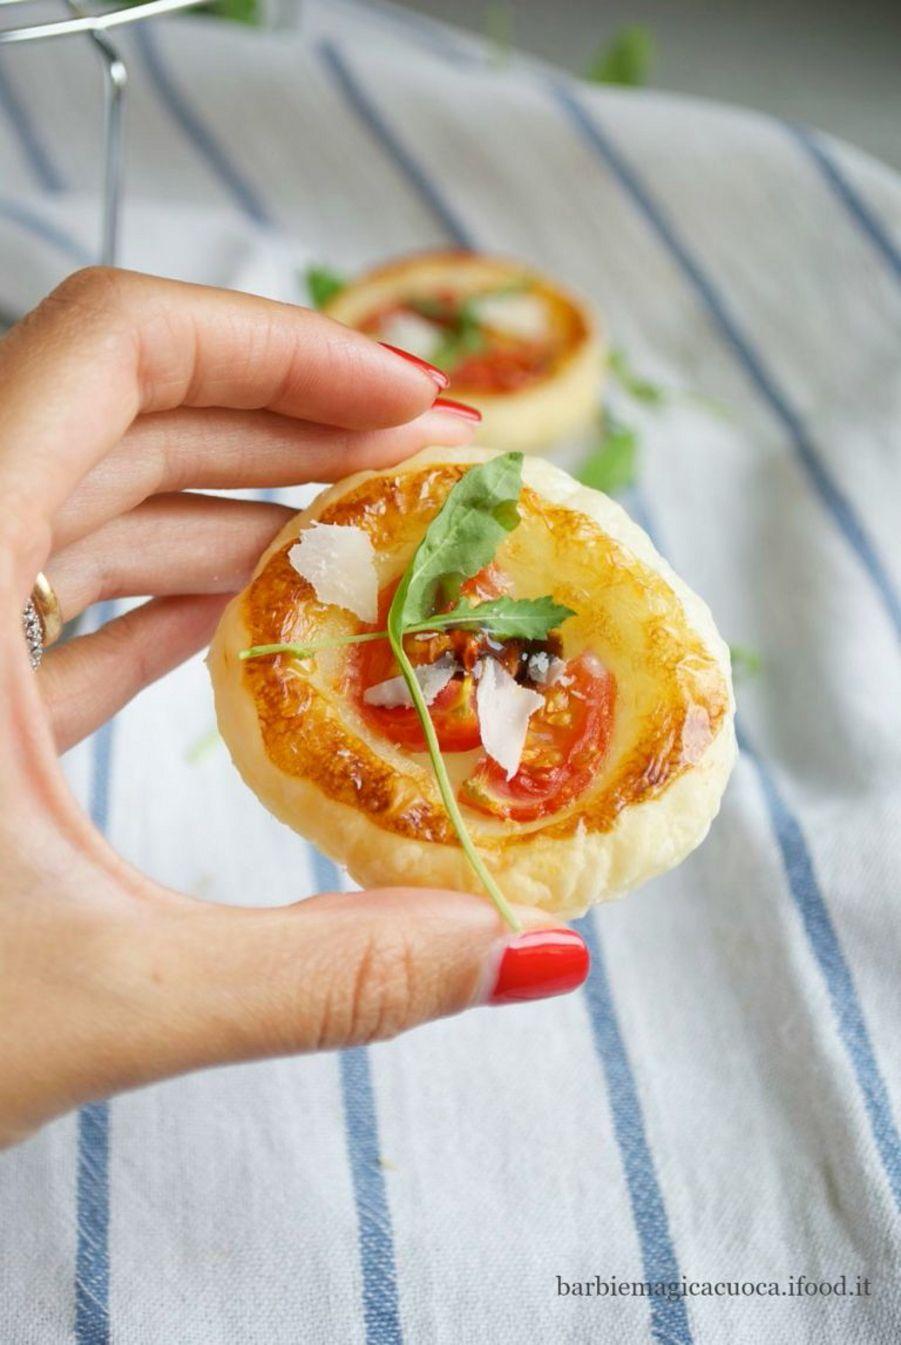 pizzette-sfoglia-stracchino-pomodorini-rucola3-768x1147